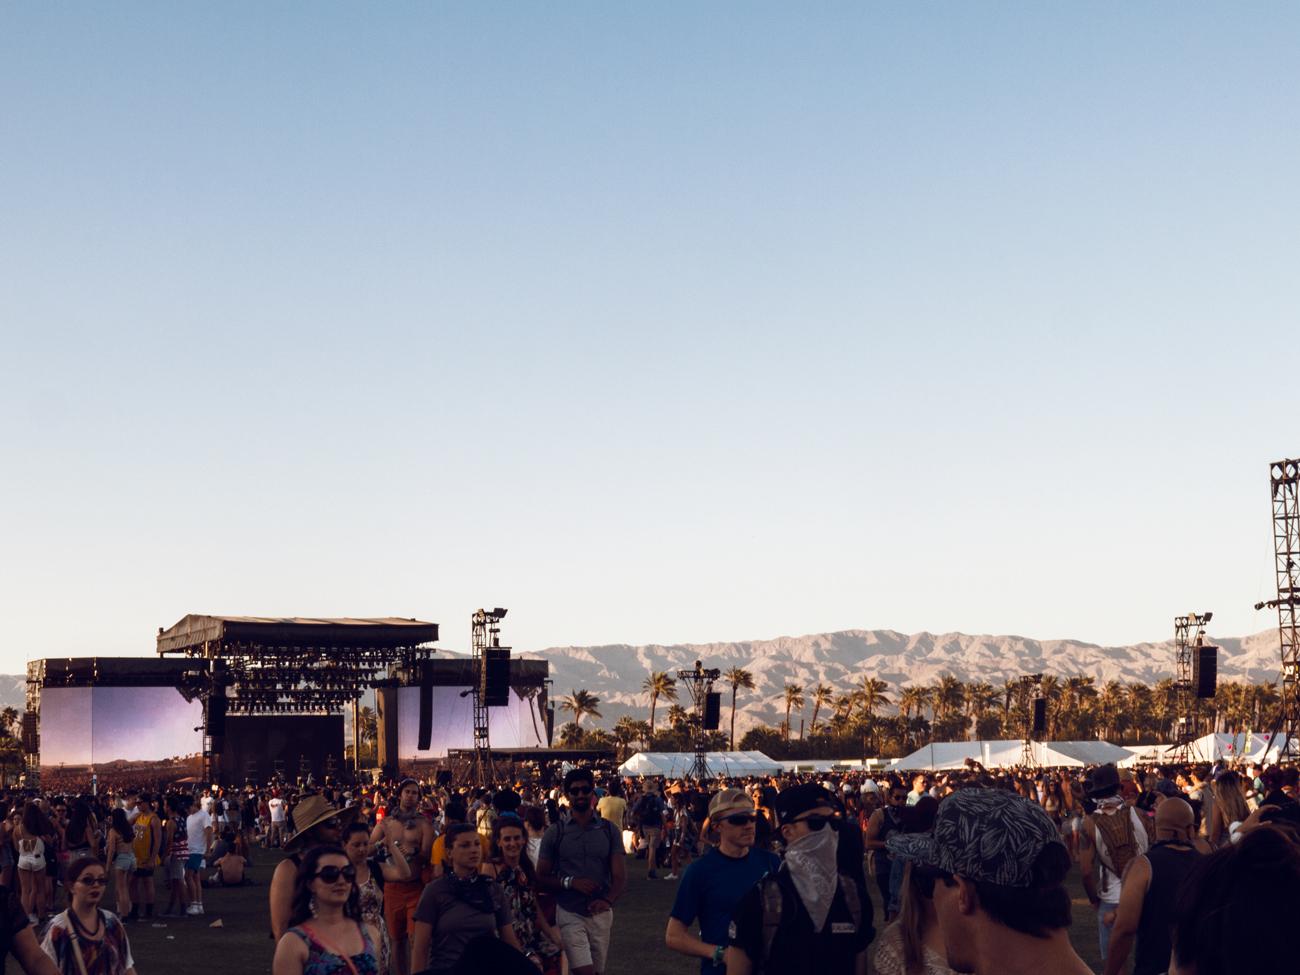 Kenza_Zouiten_Coachella_Day2_10